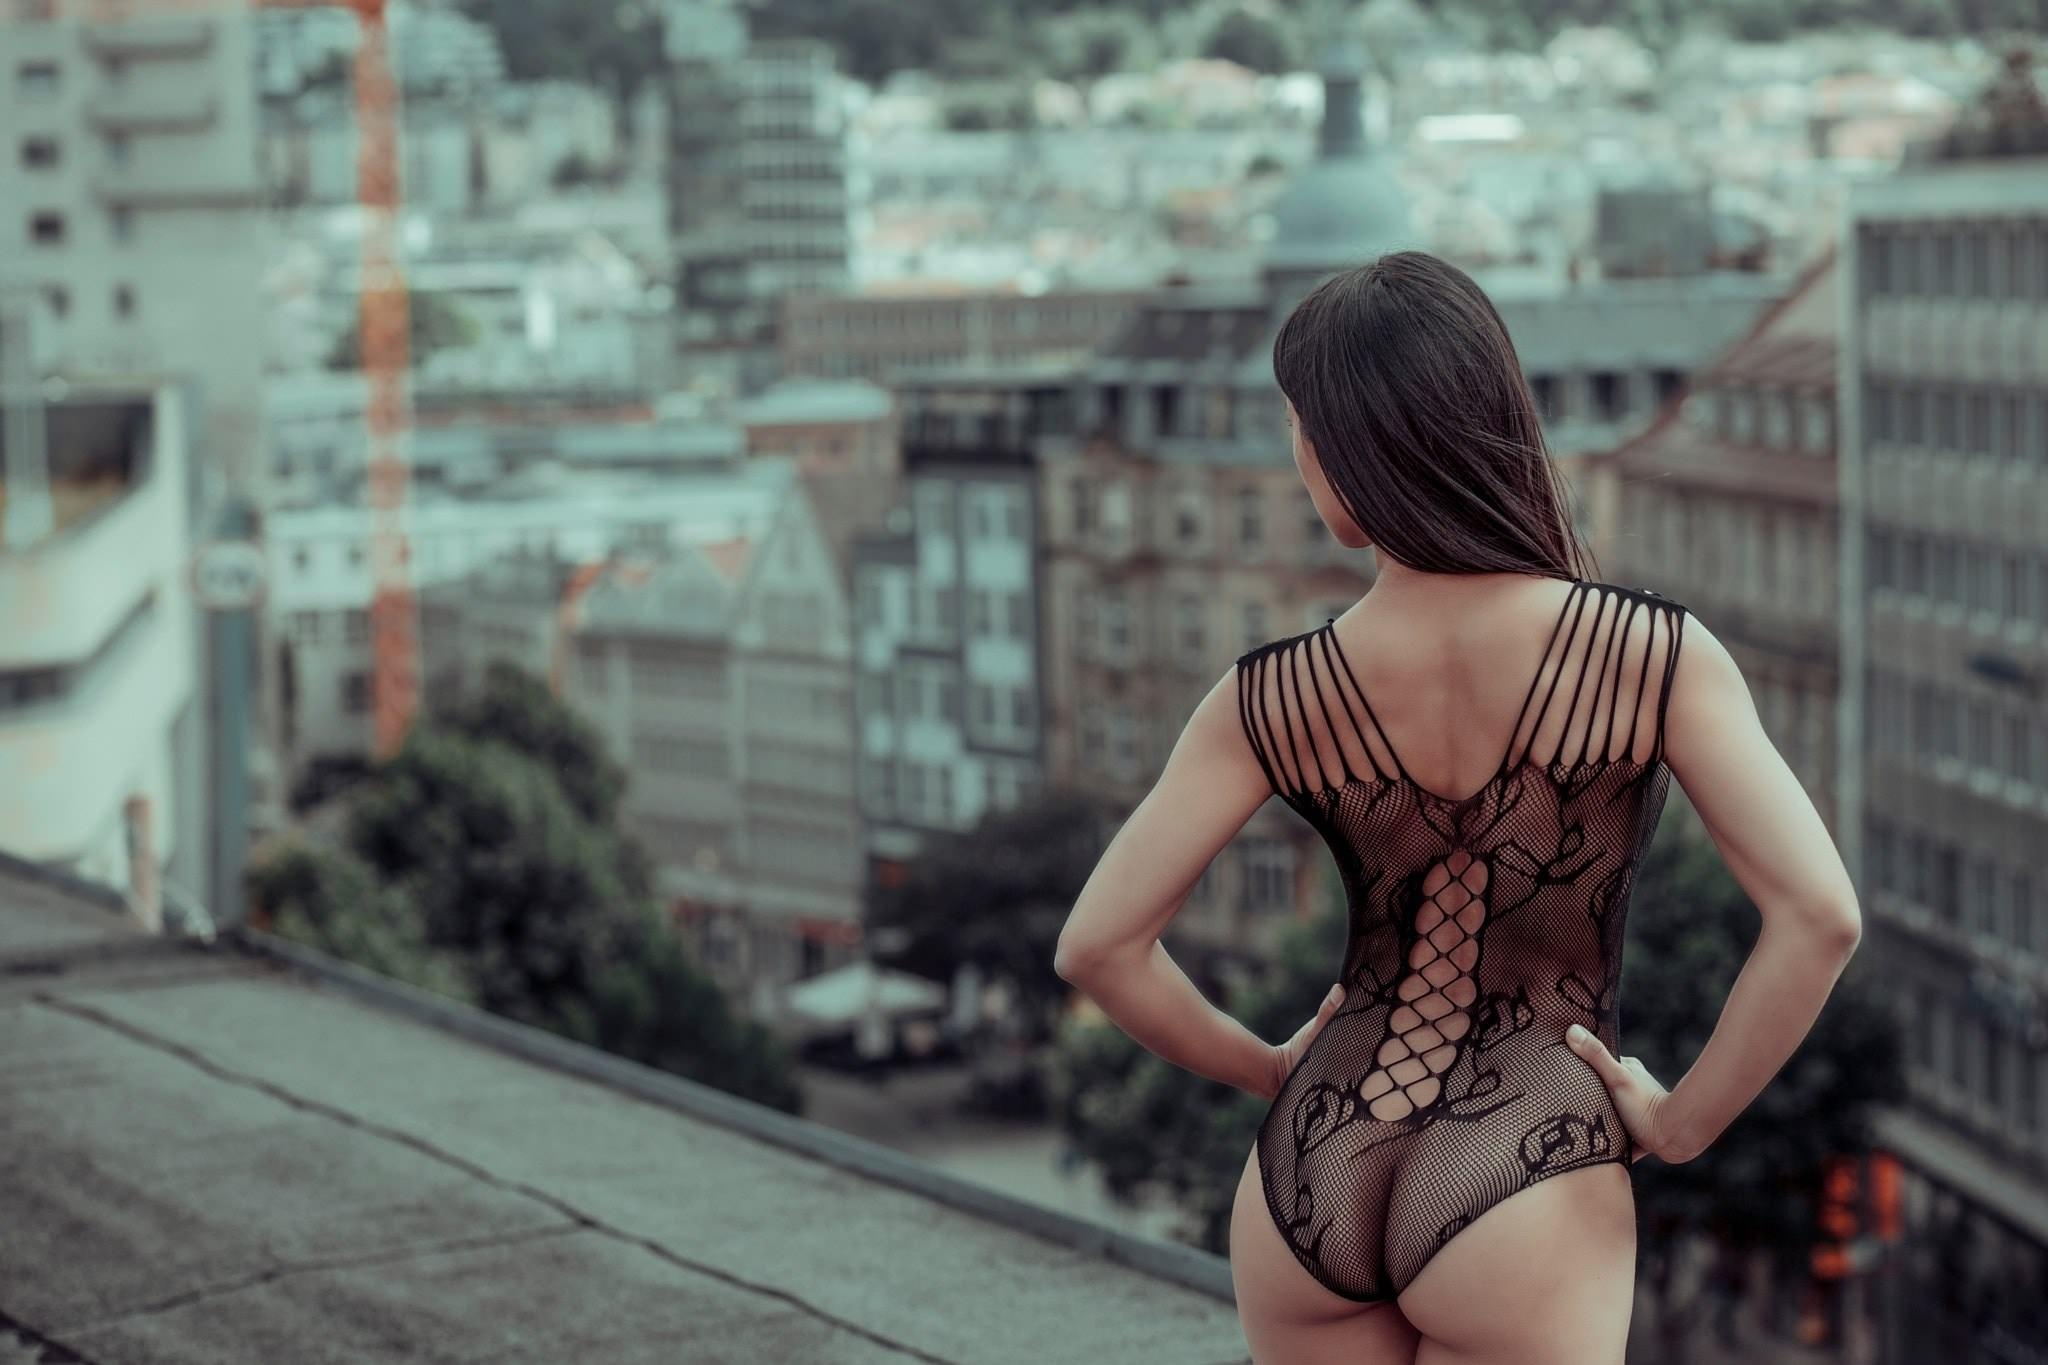 Фото Девушка в красивом эротическом боде на крыше дома, попка, узорчатый прозрачный боди, скачать картинку бесплатно